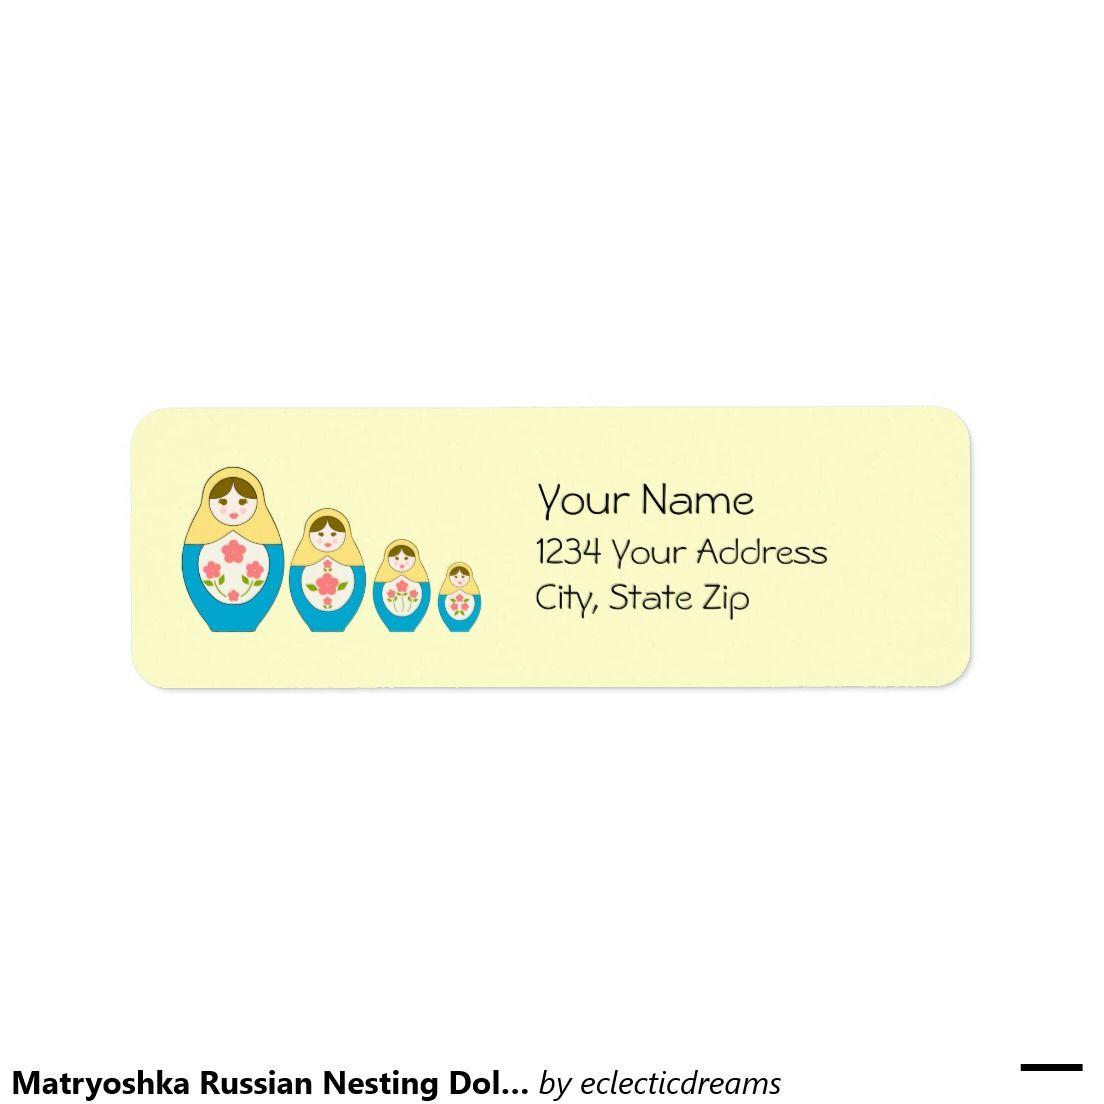 Matryoshka Russian Nesting Dolls - Yellow Return Address Label